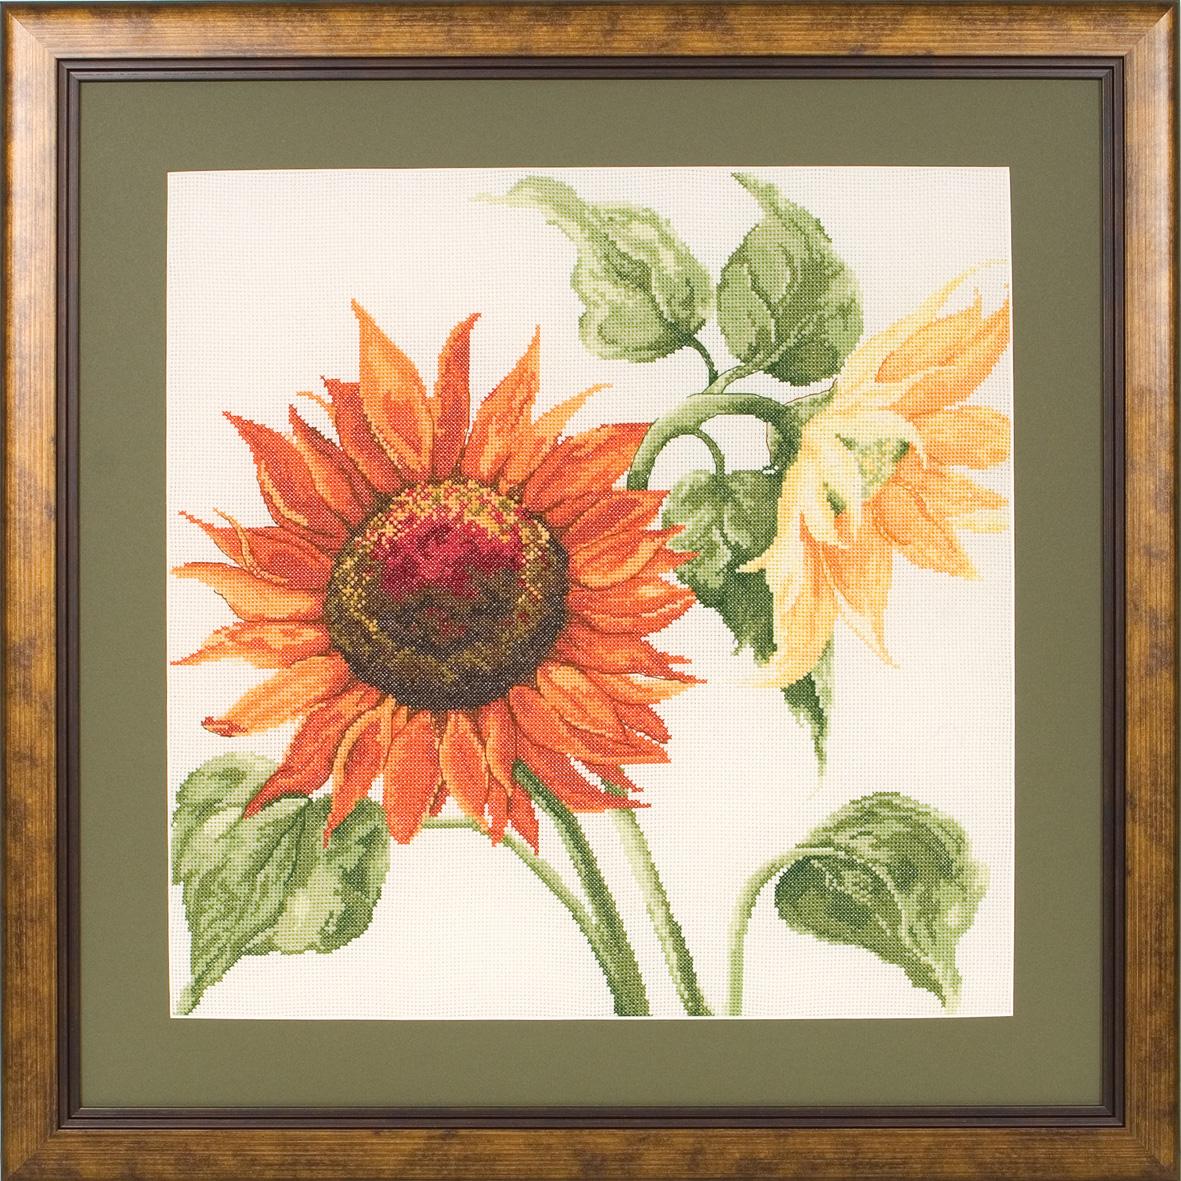 Набор для вышивания Maia Sunshine 2 - Sunflowers /Солнечный свет 2. Подсолнухи/ 35*35см (состав: канва Aida 16, цветная схема, нитки Anchor, игла, инструкция), счетный крест5678000-01006Набор для вышивания Maia Sunshine 2 - Sunflowers /Солнечный свет 2. Подсолнухи/ 35*35см (состав: канва Aida 16, цветная схема, нитки Anchor, игла, инструкция), счетный крест